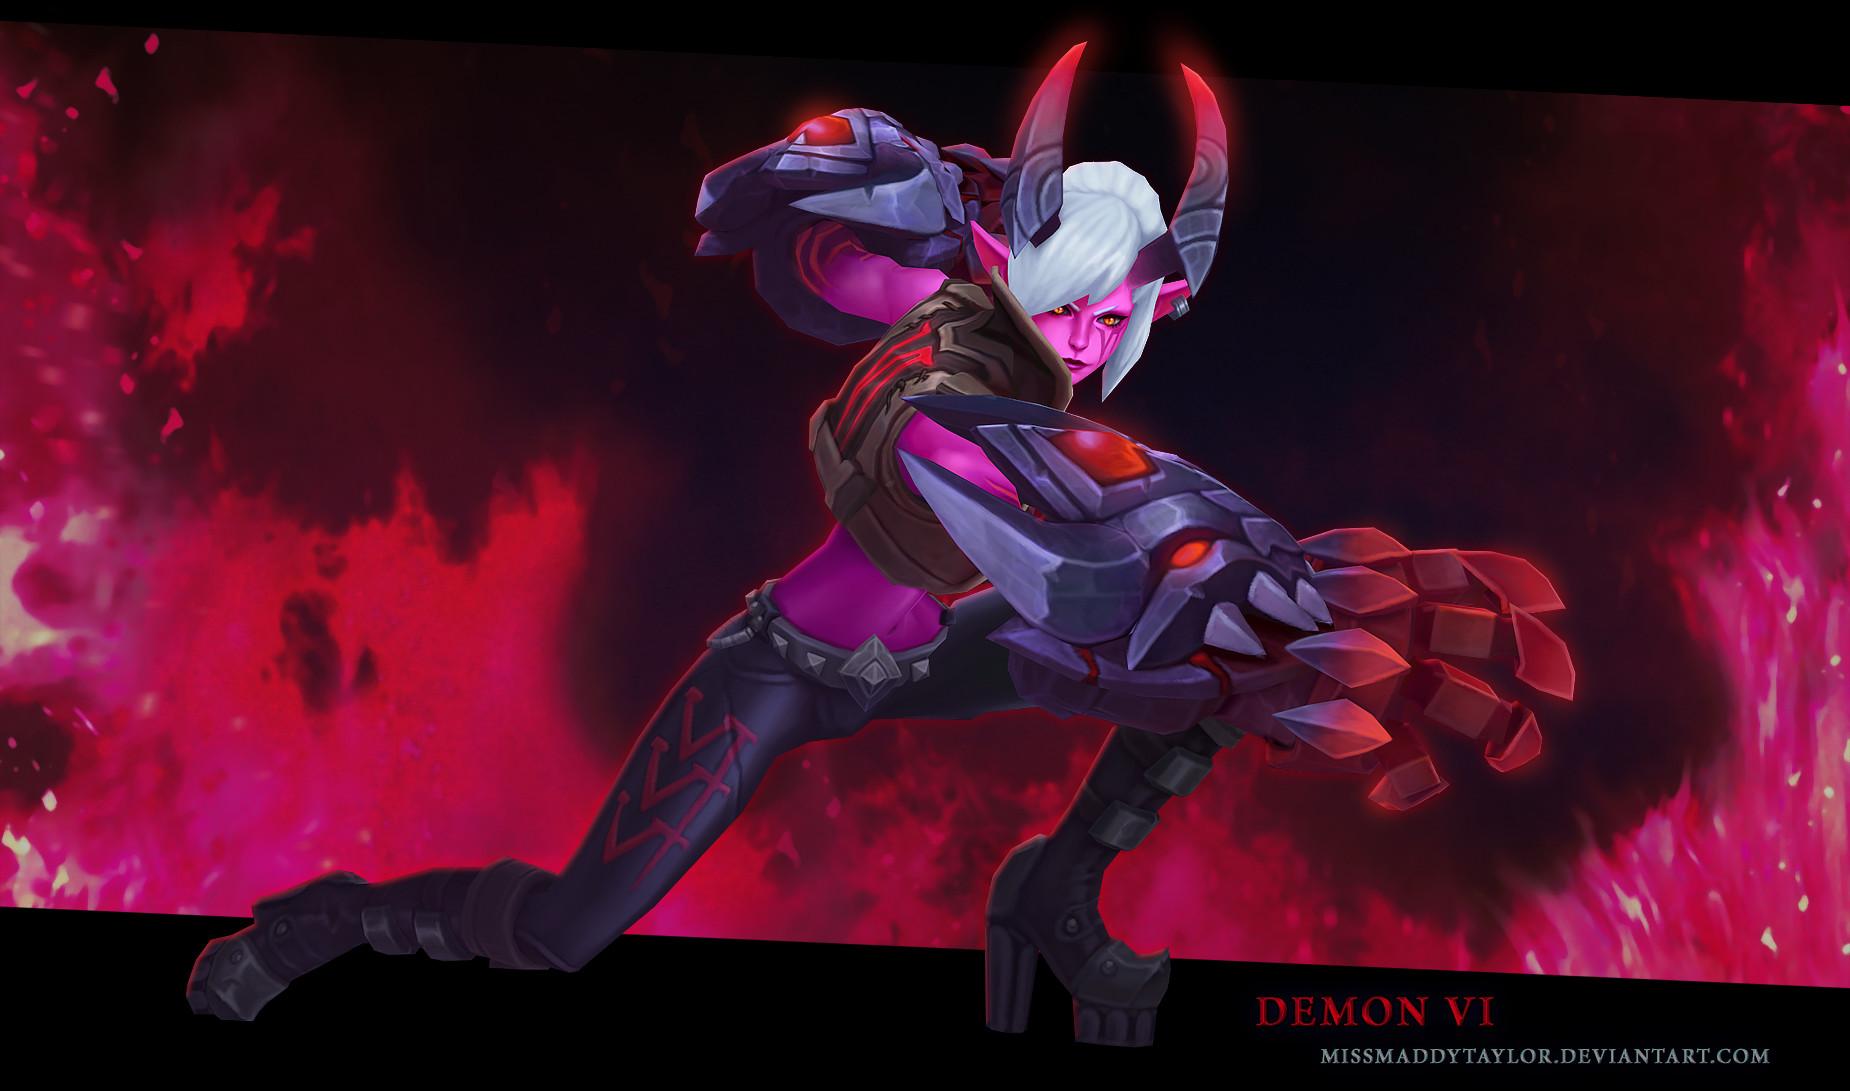 Maddy taylor kenyon demonvi 1